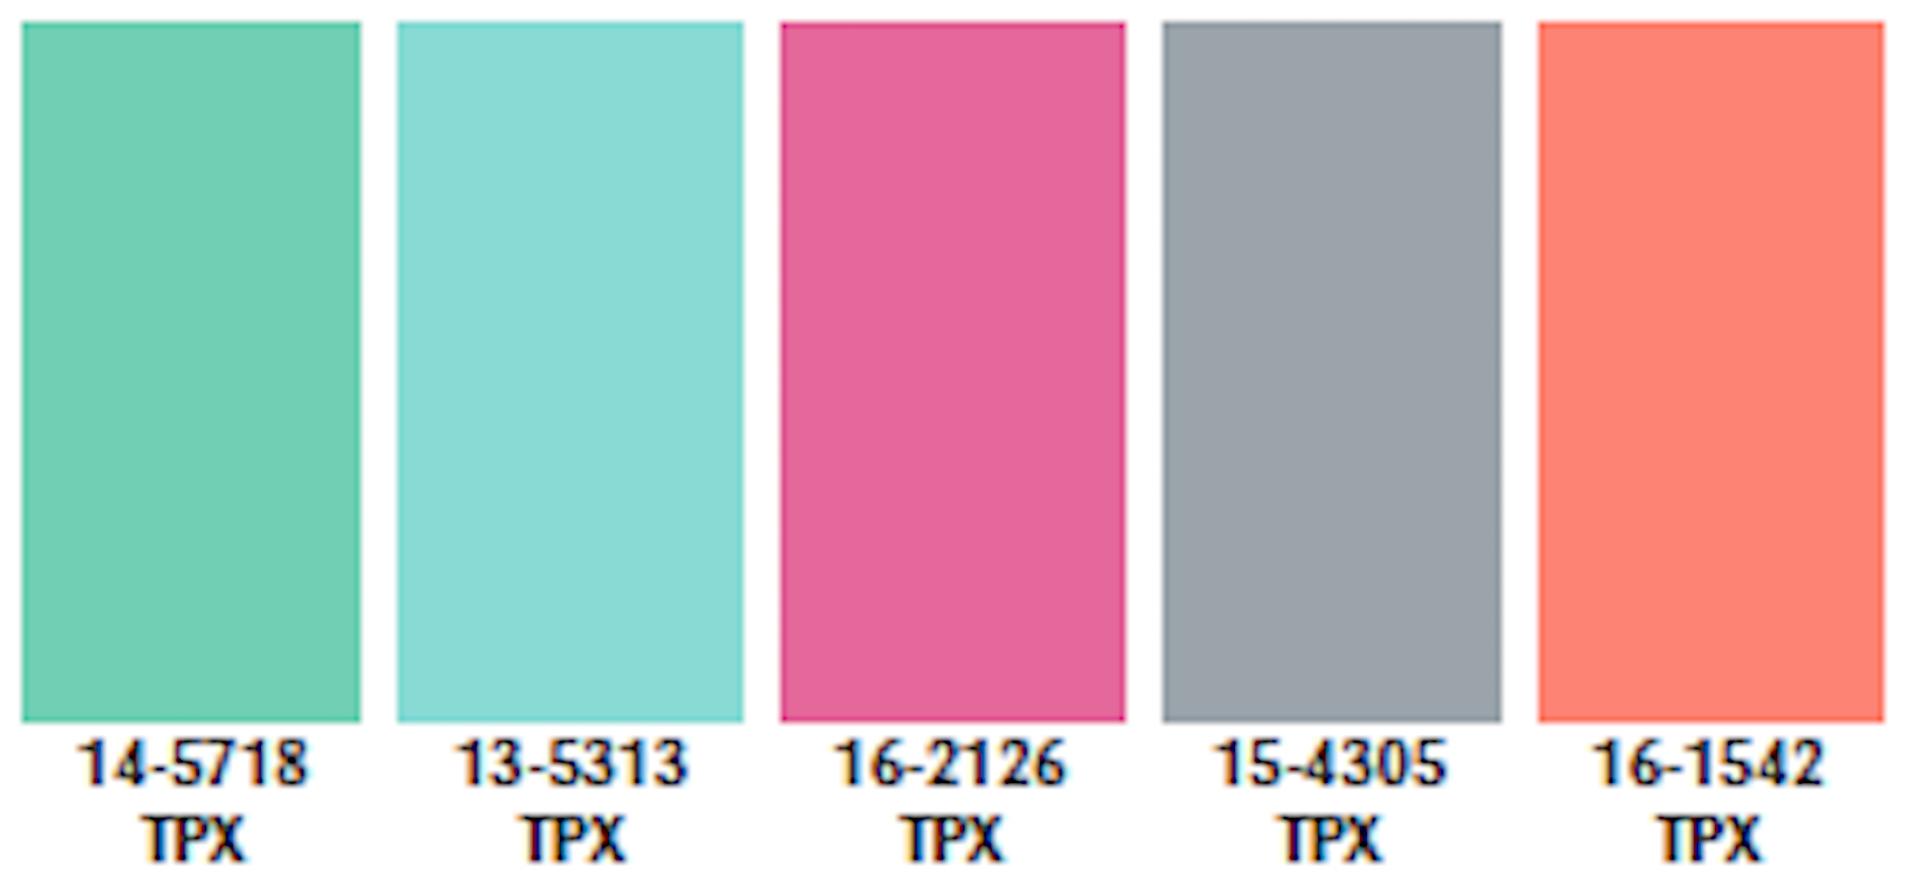 Color Palette Spring Summer 2021 Color Trends Fashion Color Trends Summer Colors